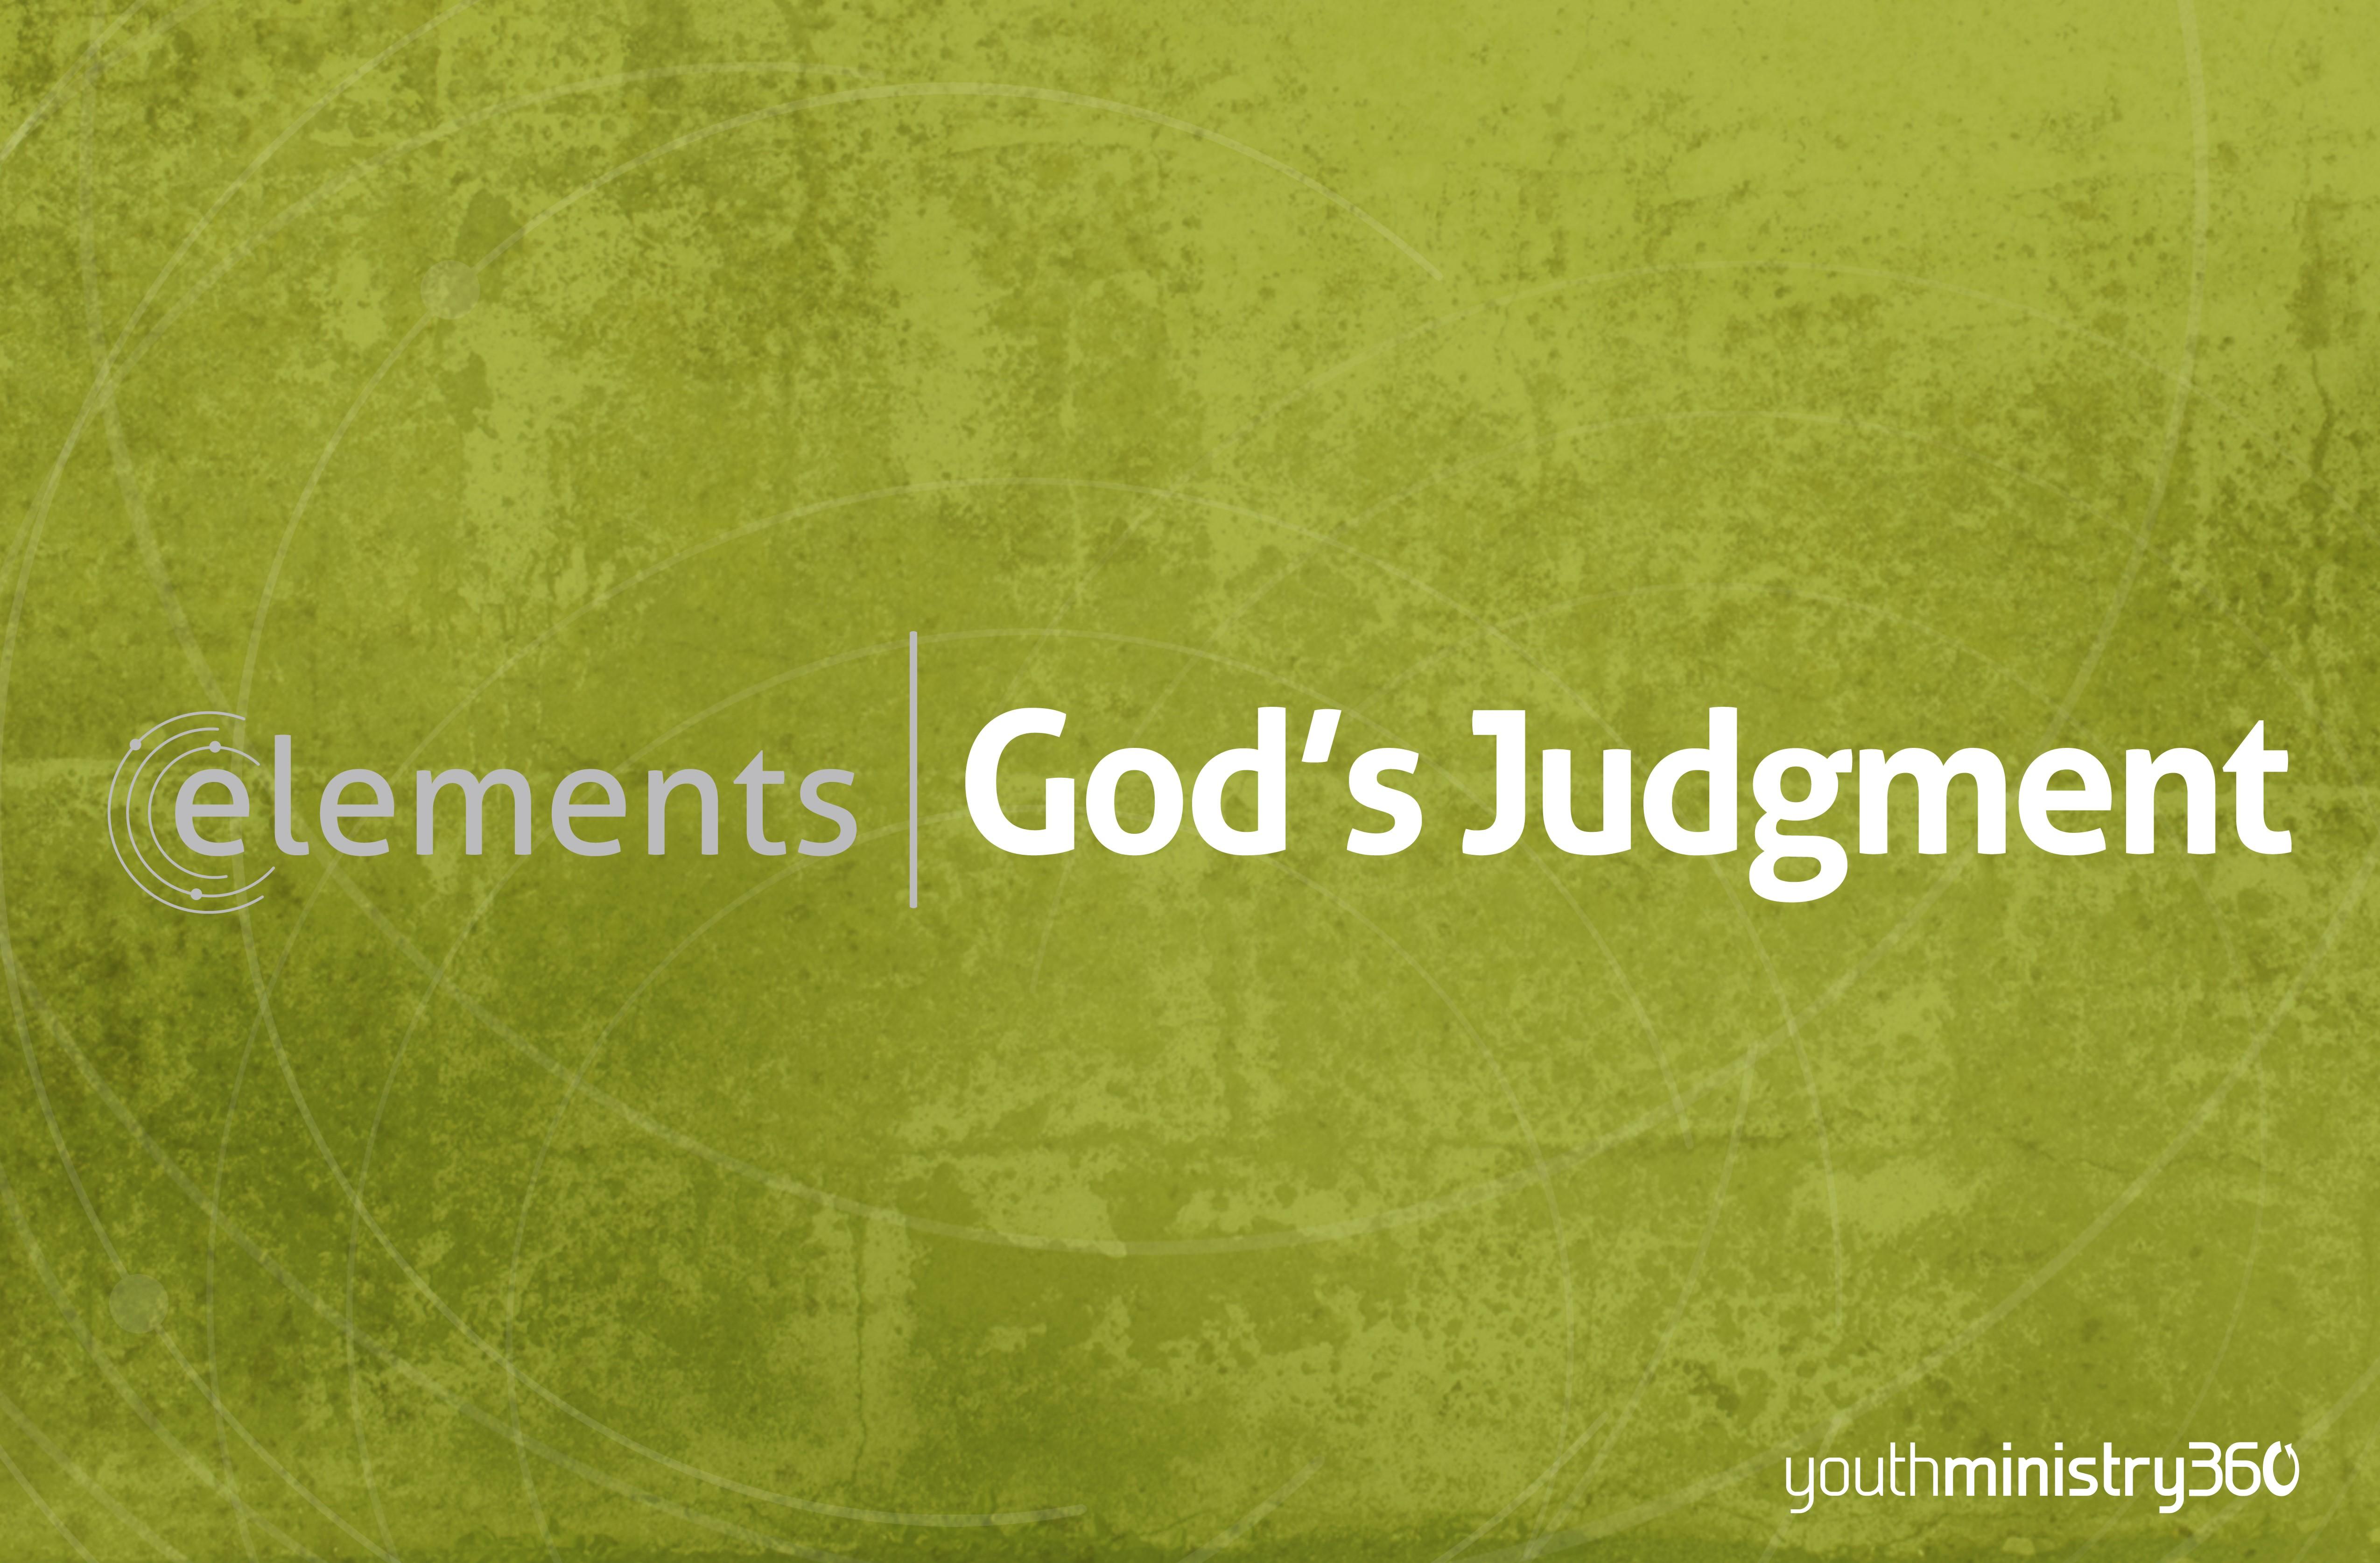 GodsJudgement_poster copy